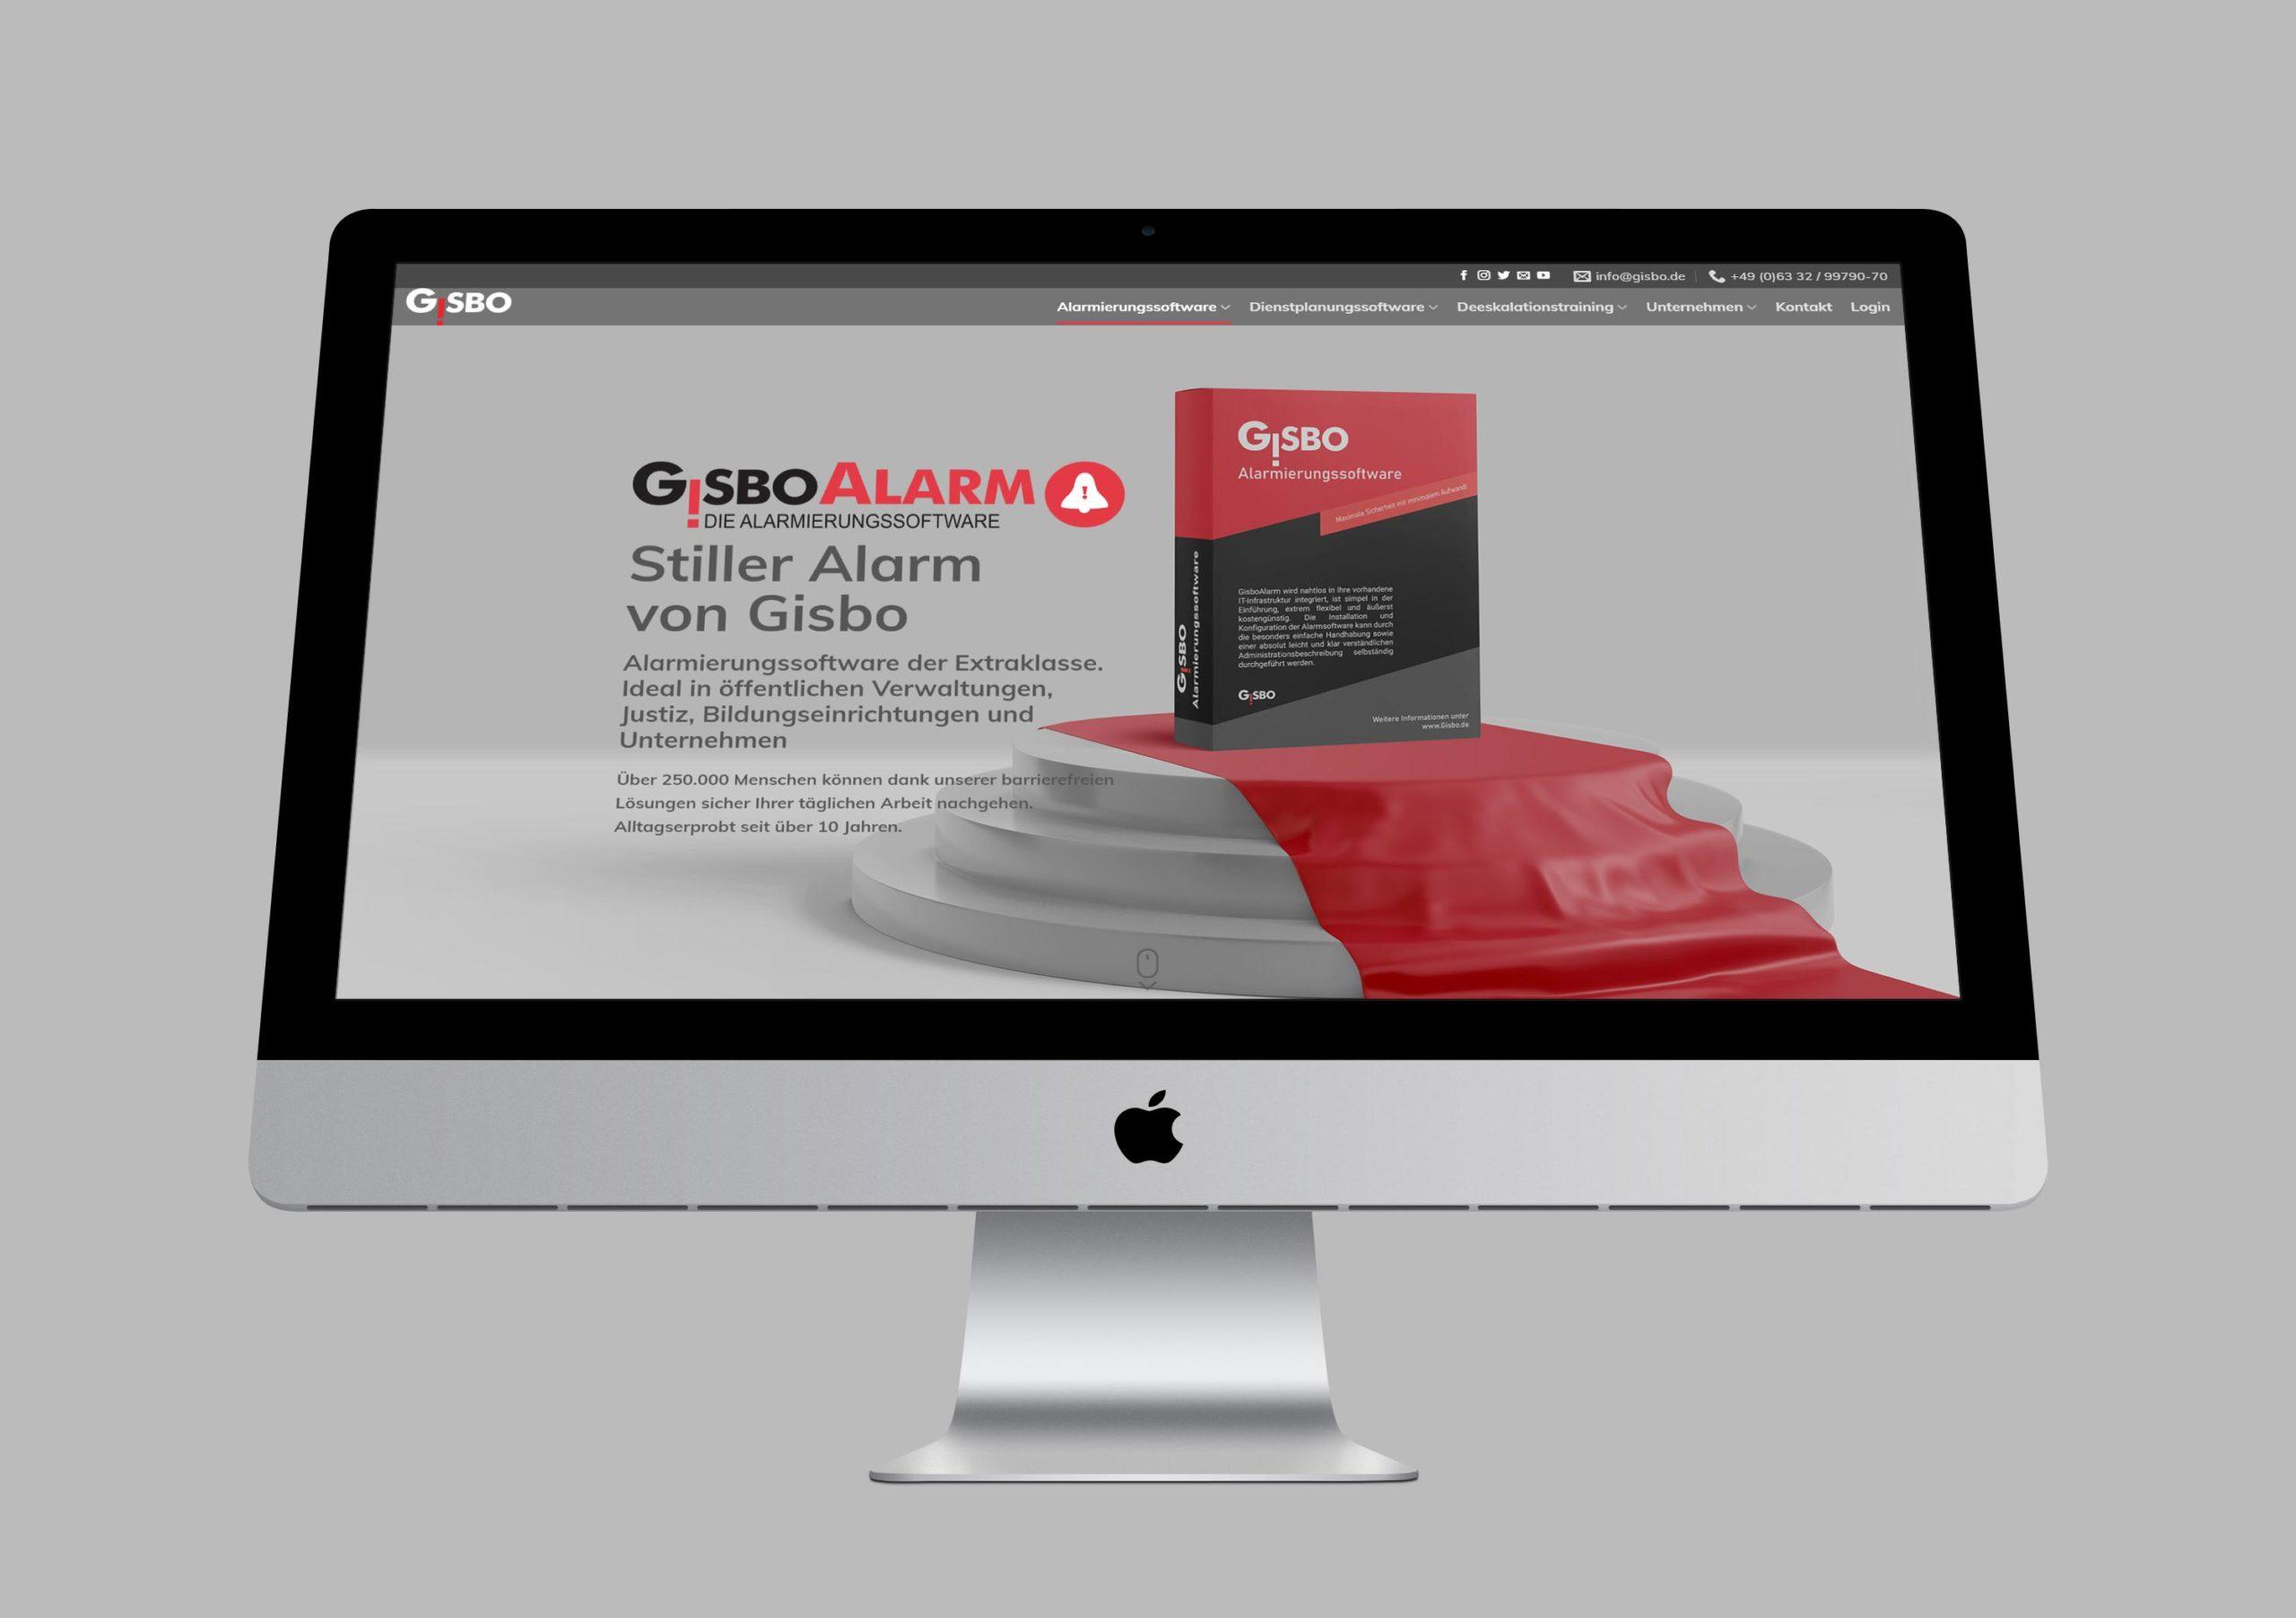 Bild von gisbo Webseite auf dem imac